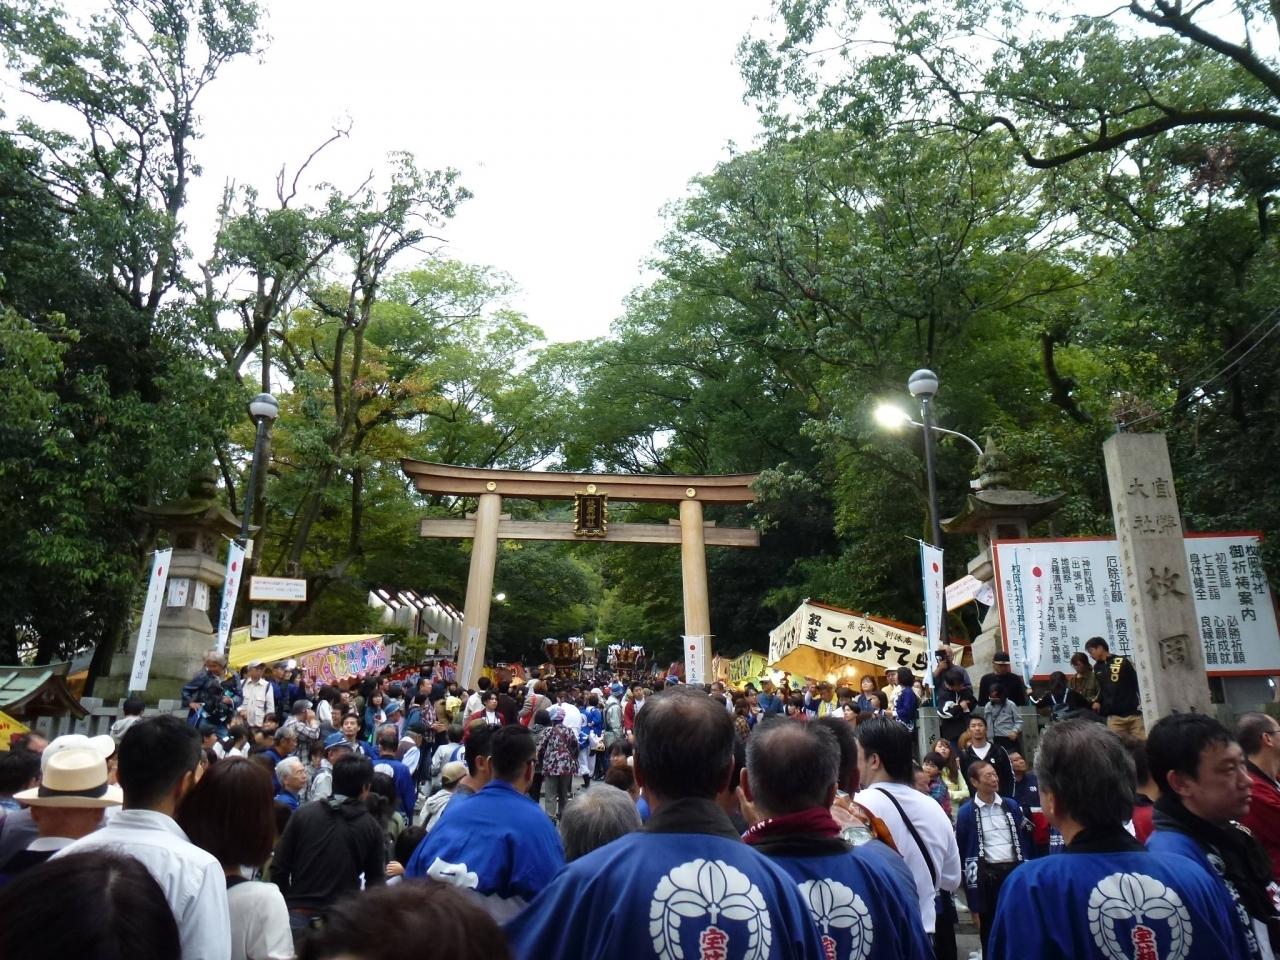 大阪府と奈良県の県境・生駒山の麓に位置する枚岡神社  河内国一ノ宮と呼ばれる日本最古の神社の1つ。